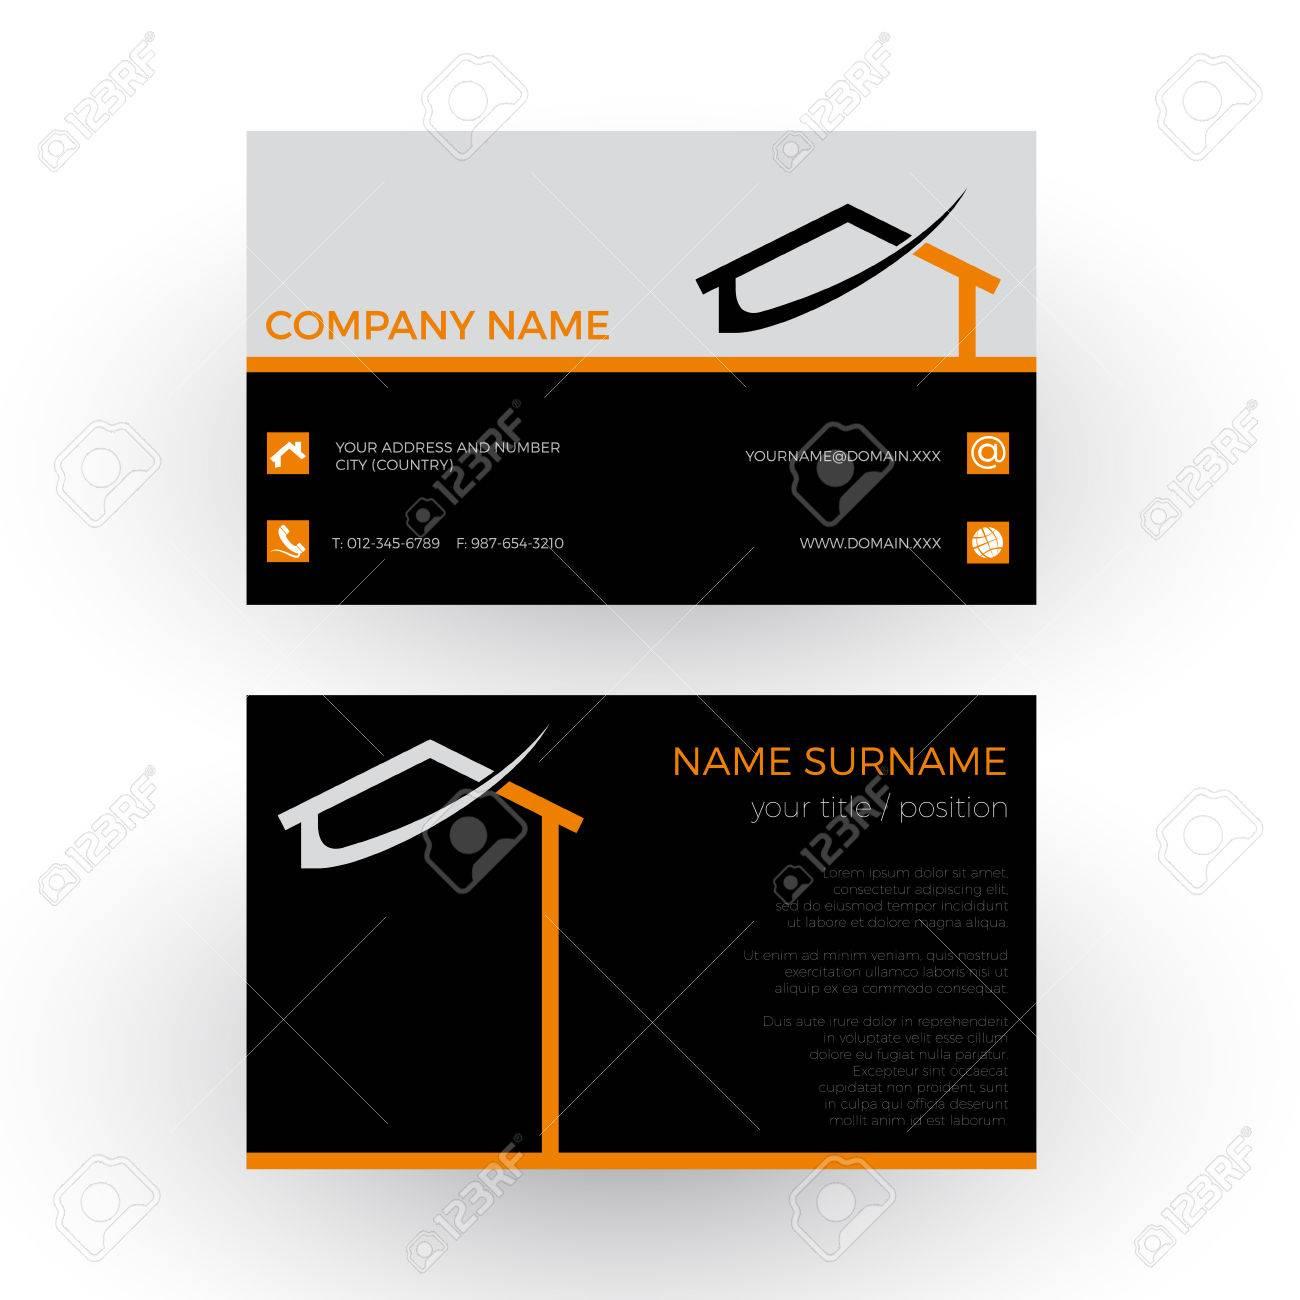 Maison Rsum Concept Du Constructeur Carte De Visite Banque Dimages